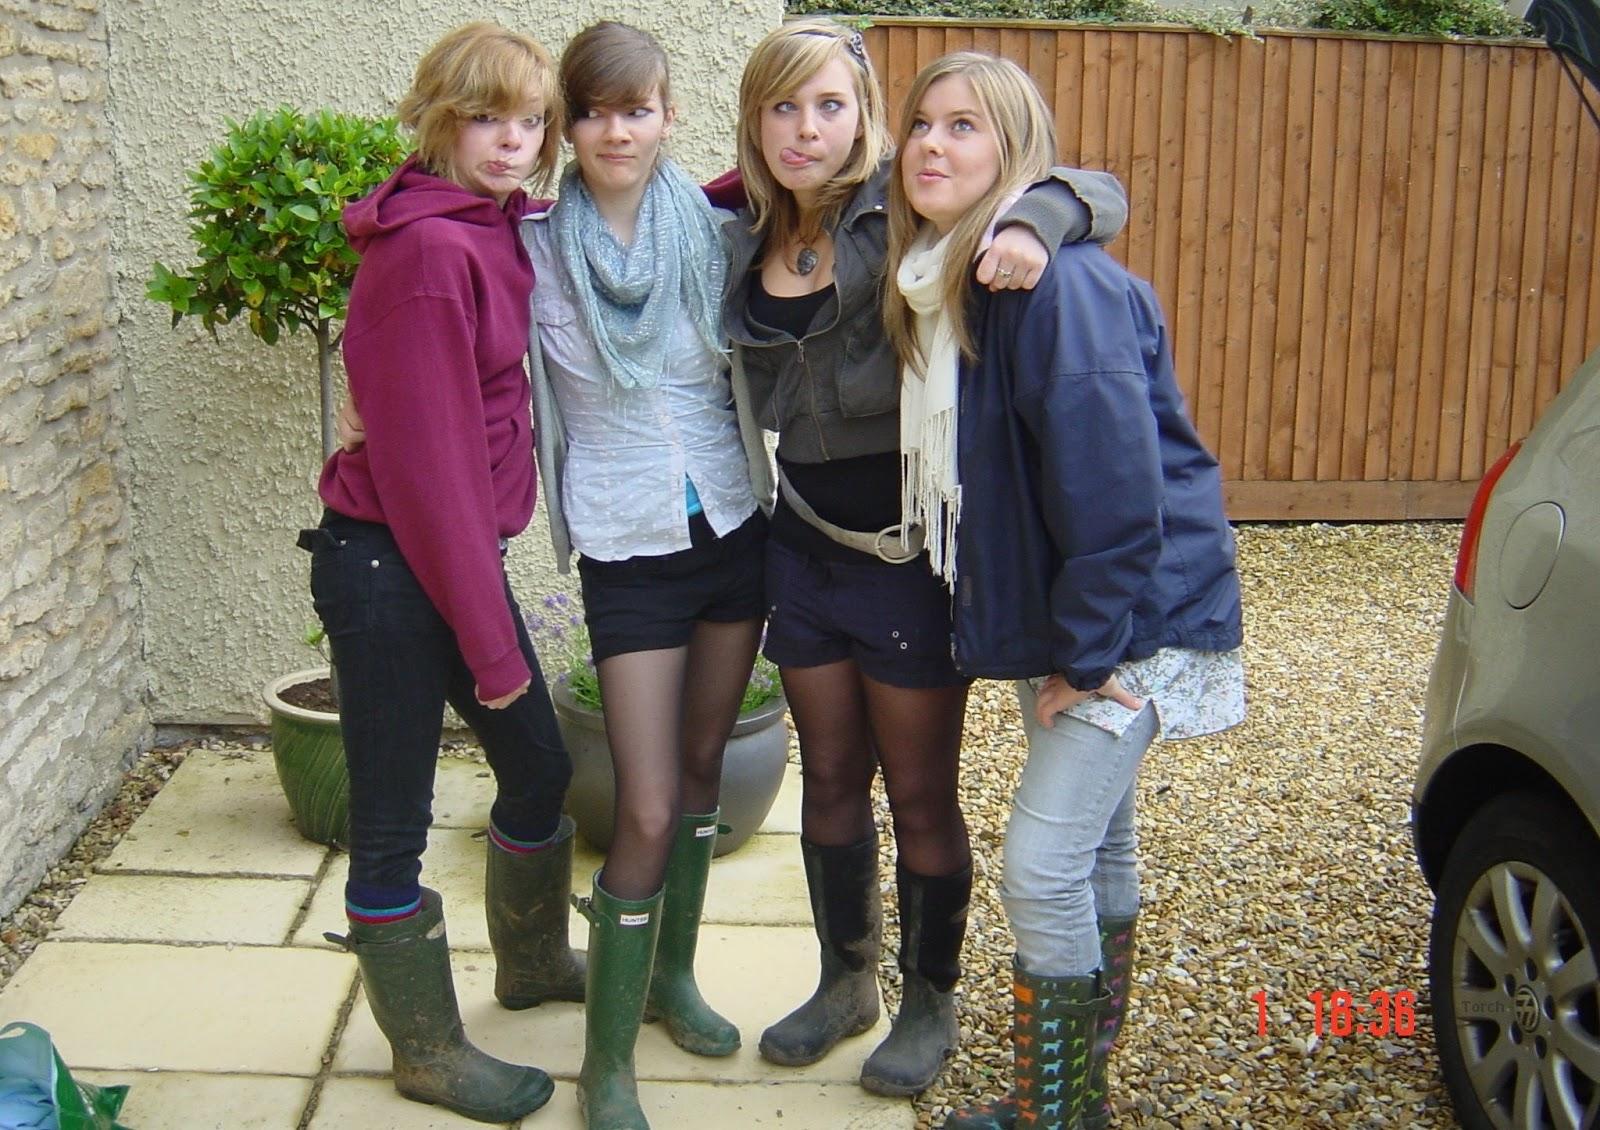 pantyhose Girls in like men